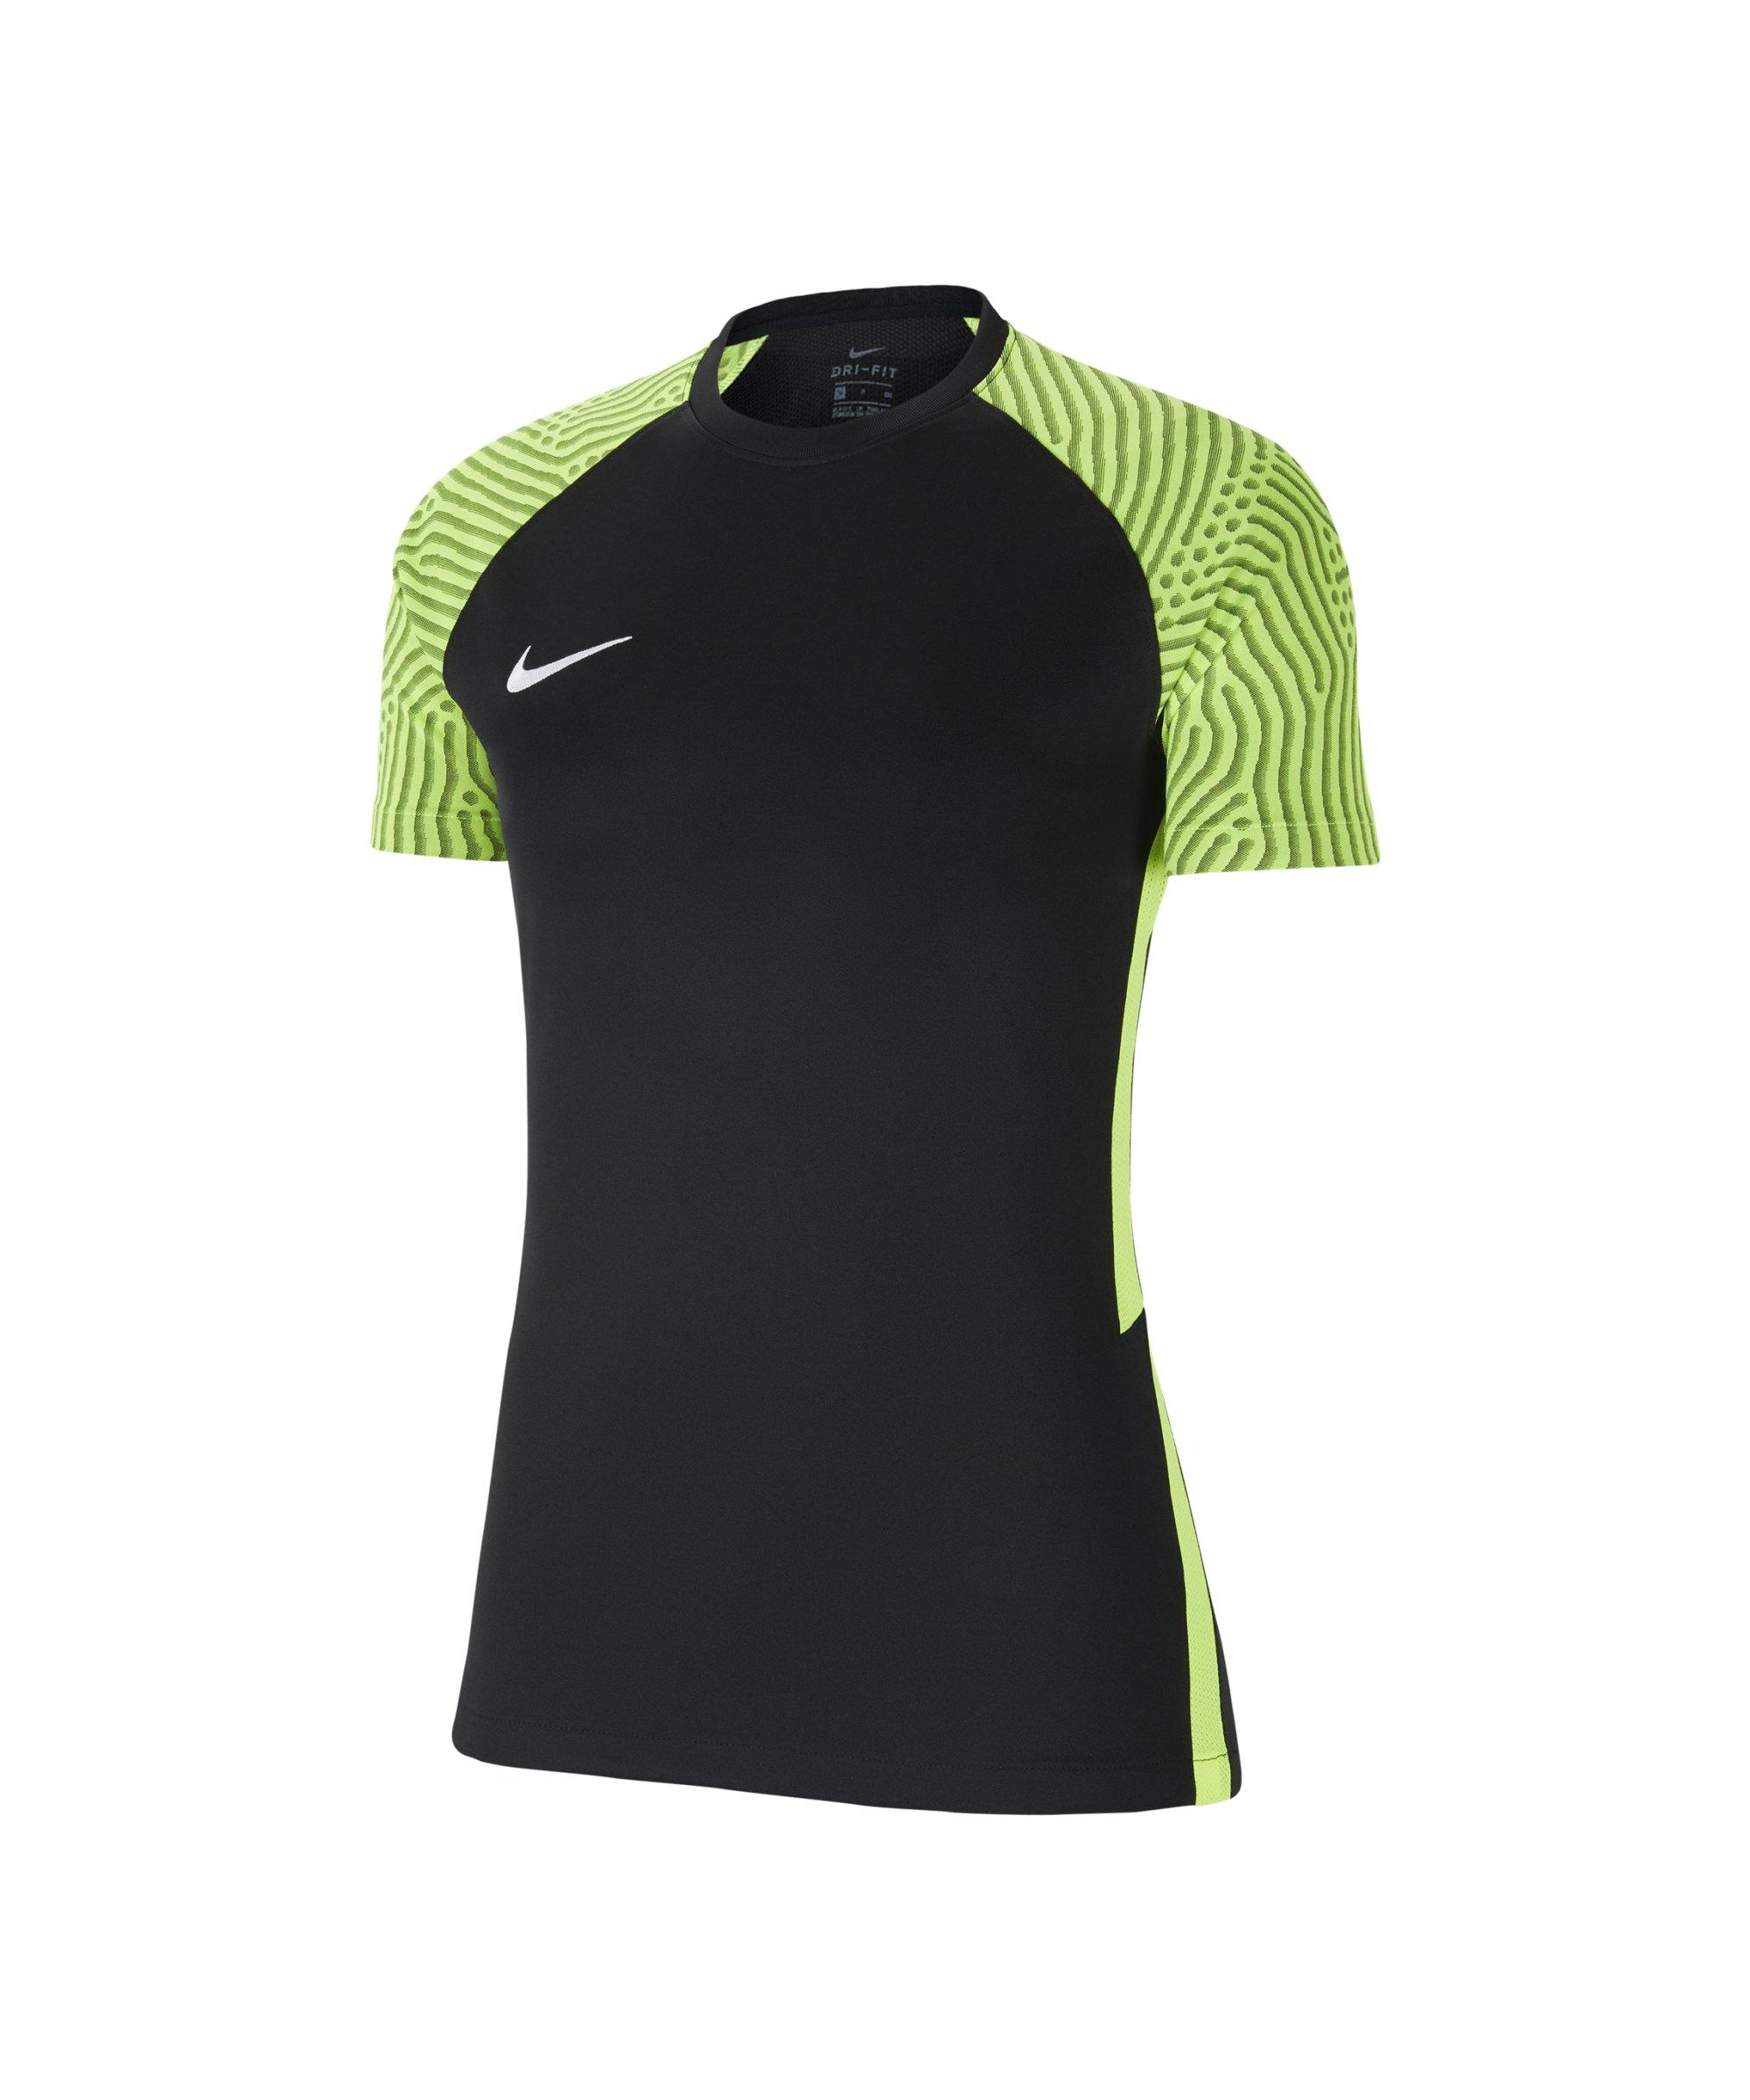 Nike Strike 2 Trikot Damen Schwarz Weiss F011 - schwarz